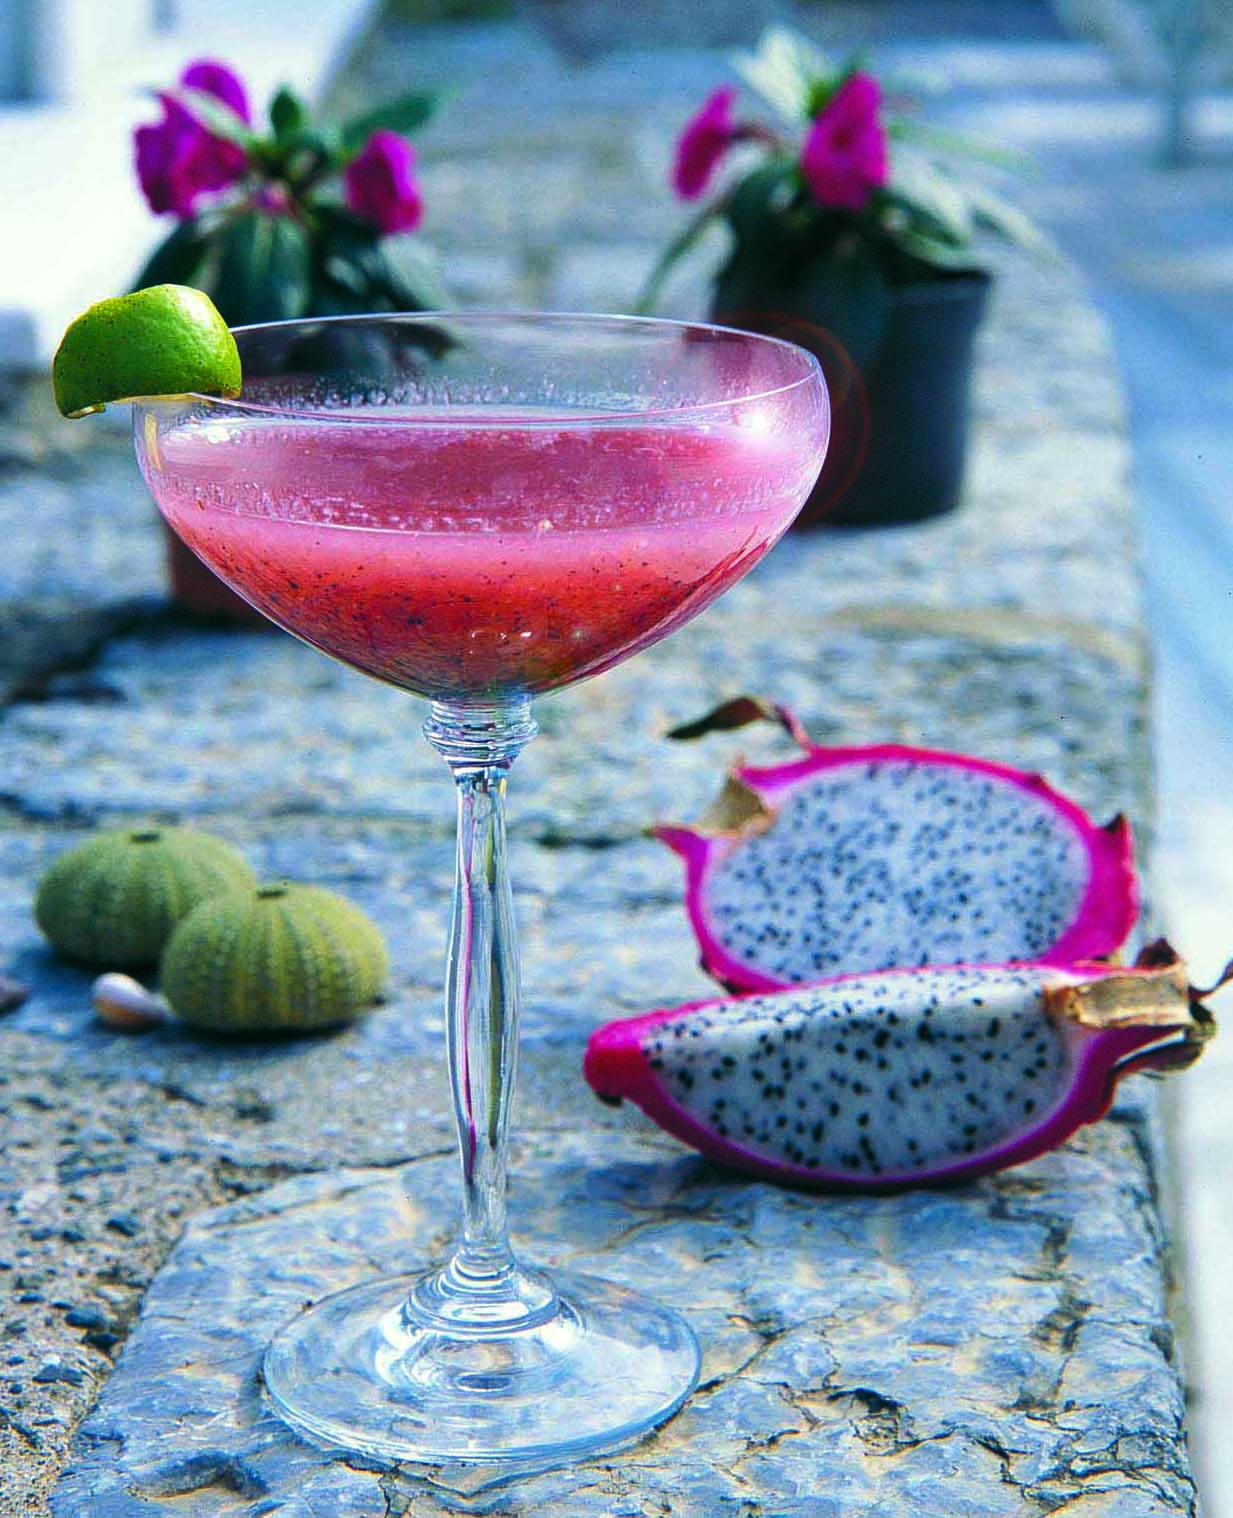 Beştepe'de sunulan ejder meyveli smoothie, geçen haftanın baş gündem maddesiydi.